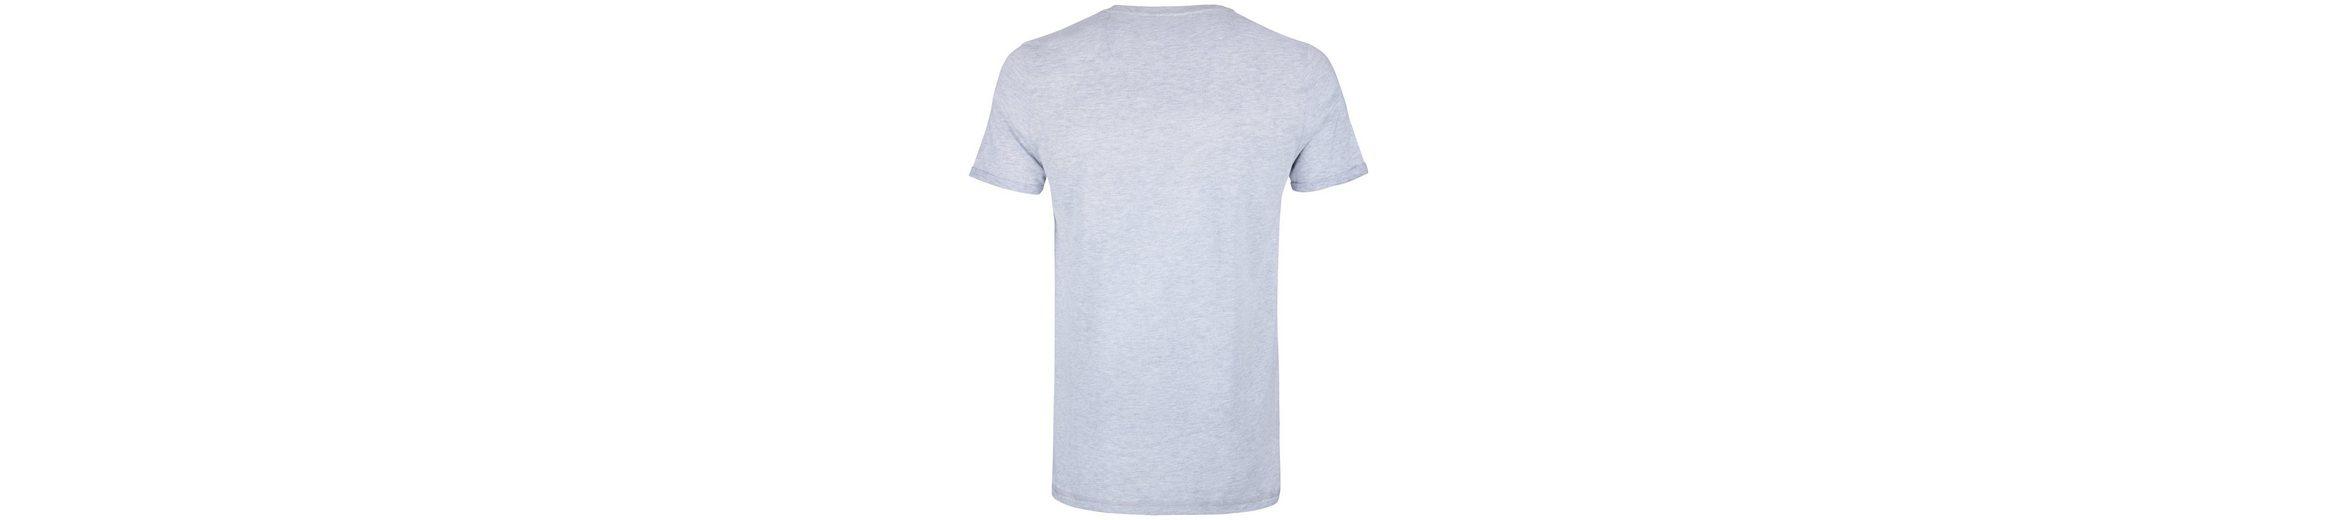 DREIMASTER T-Shirt Manchester Großer Verkauf Zum Verkauf Freies Verschiffen Bestes Geschäft Zu Bekommen Günstig Kaufen Erschwinglich ATtDSIHW